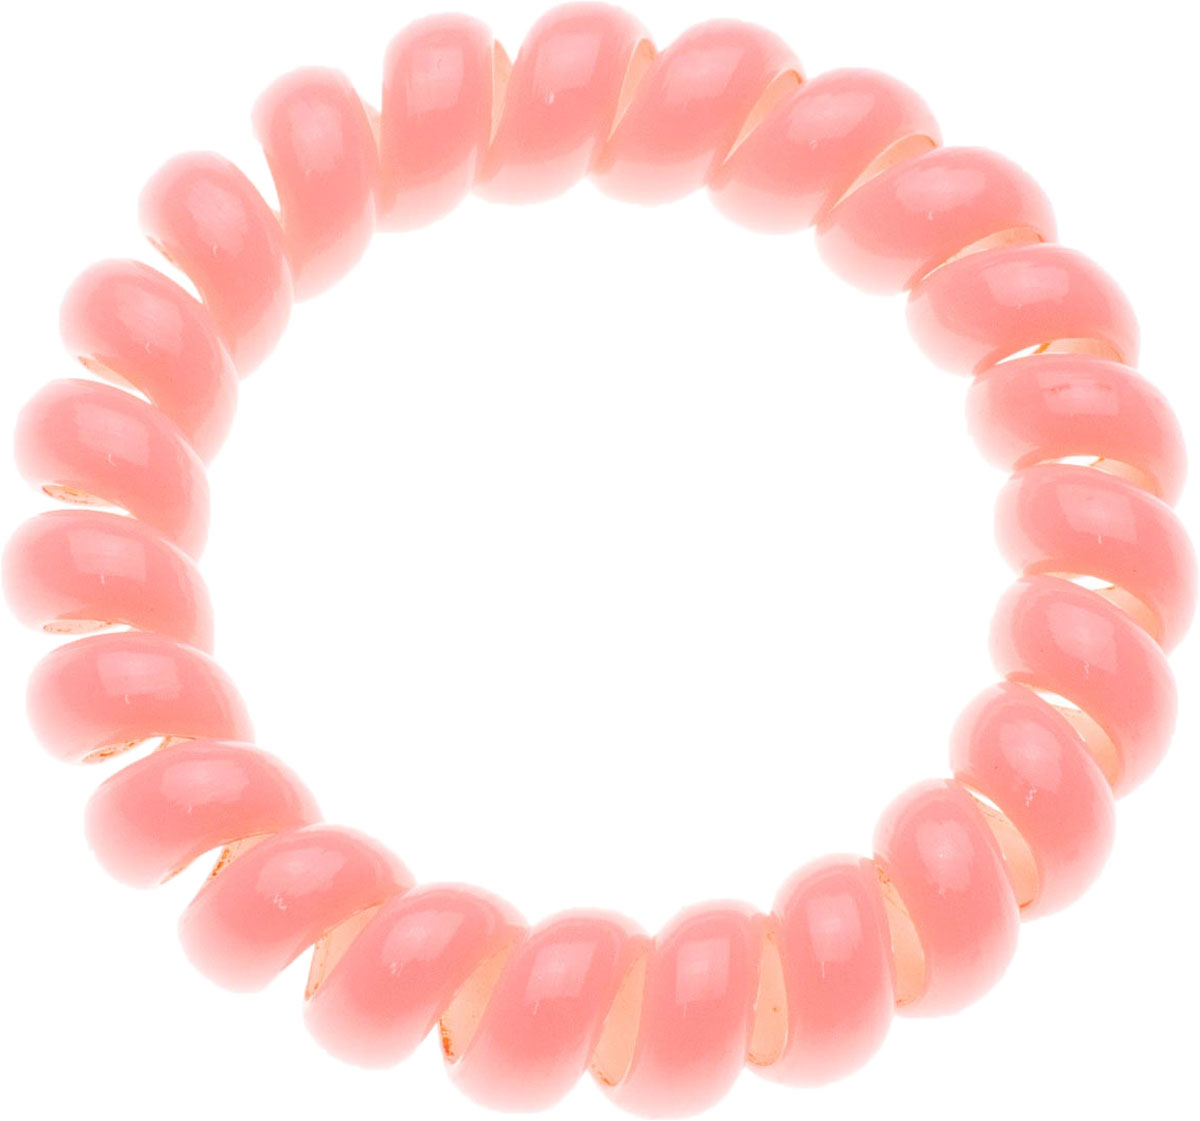 Резинка для волос Мастерская Крутовых, цвет:  розовый.  РПВ-063 Мастерская Крутовых